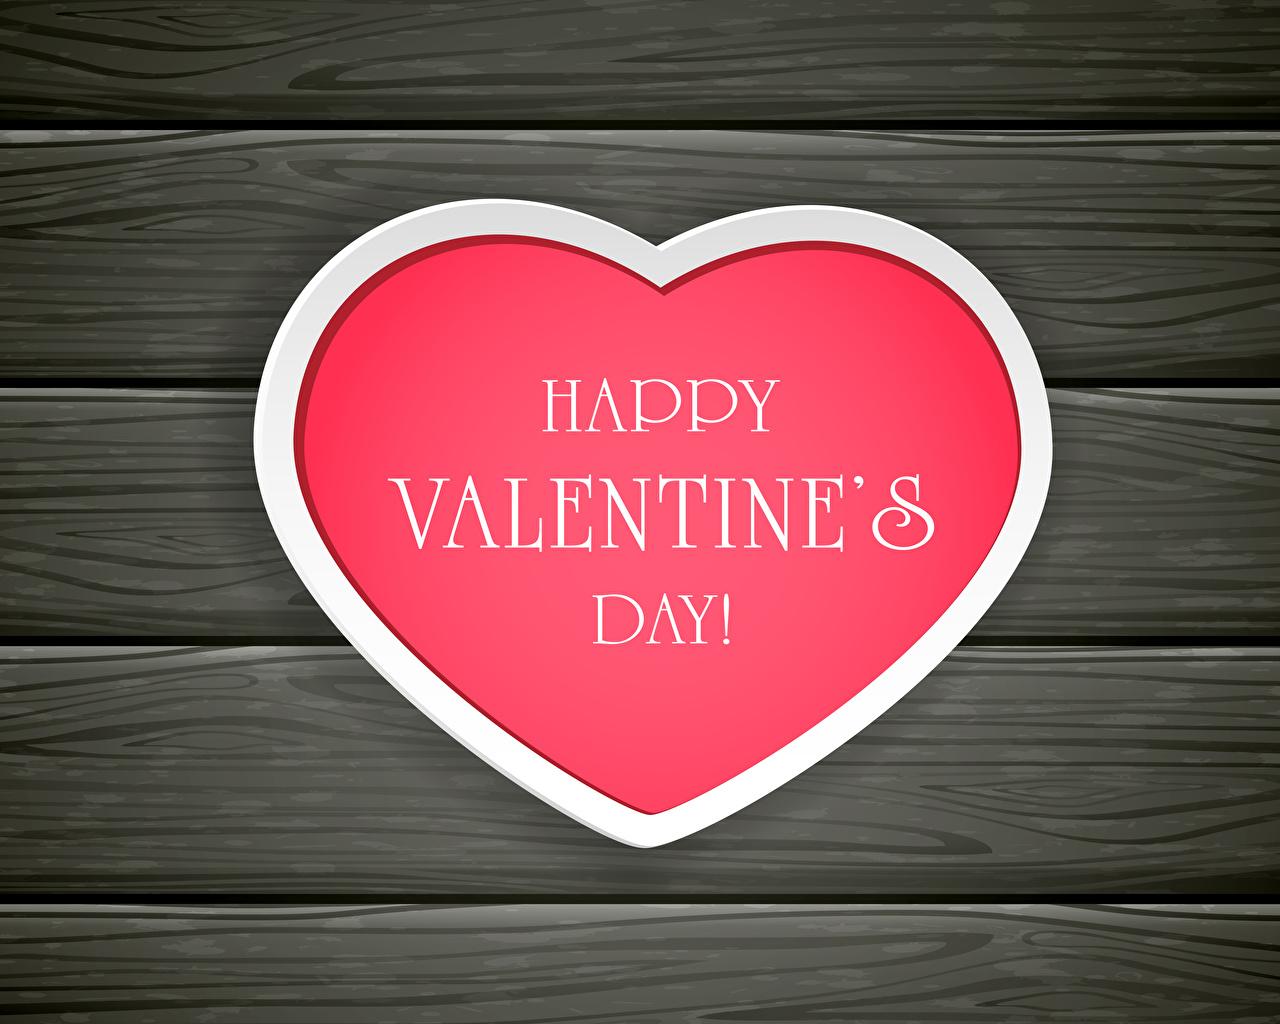 Картинка День святого Валентина Английский Сердце Слово - Надпись Доски День всех влюблённых инглийские английская серце сердца сердечко текст слова